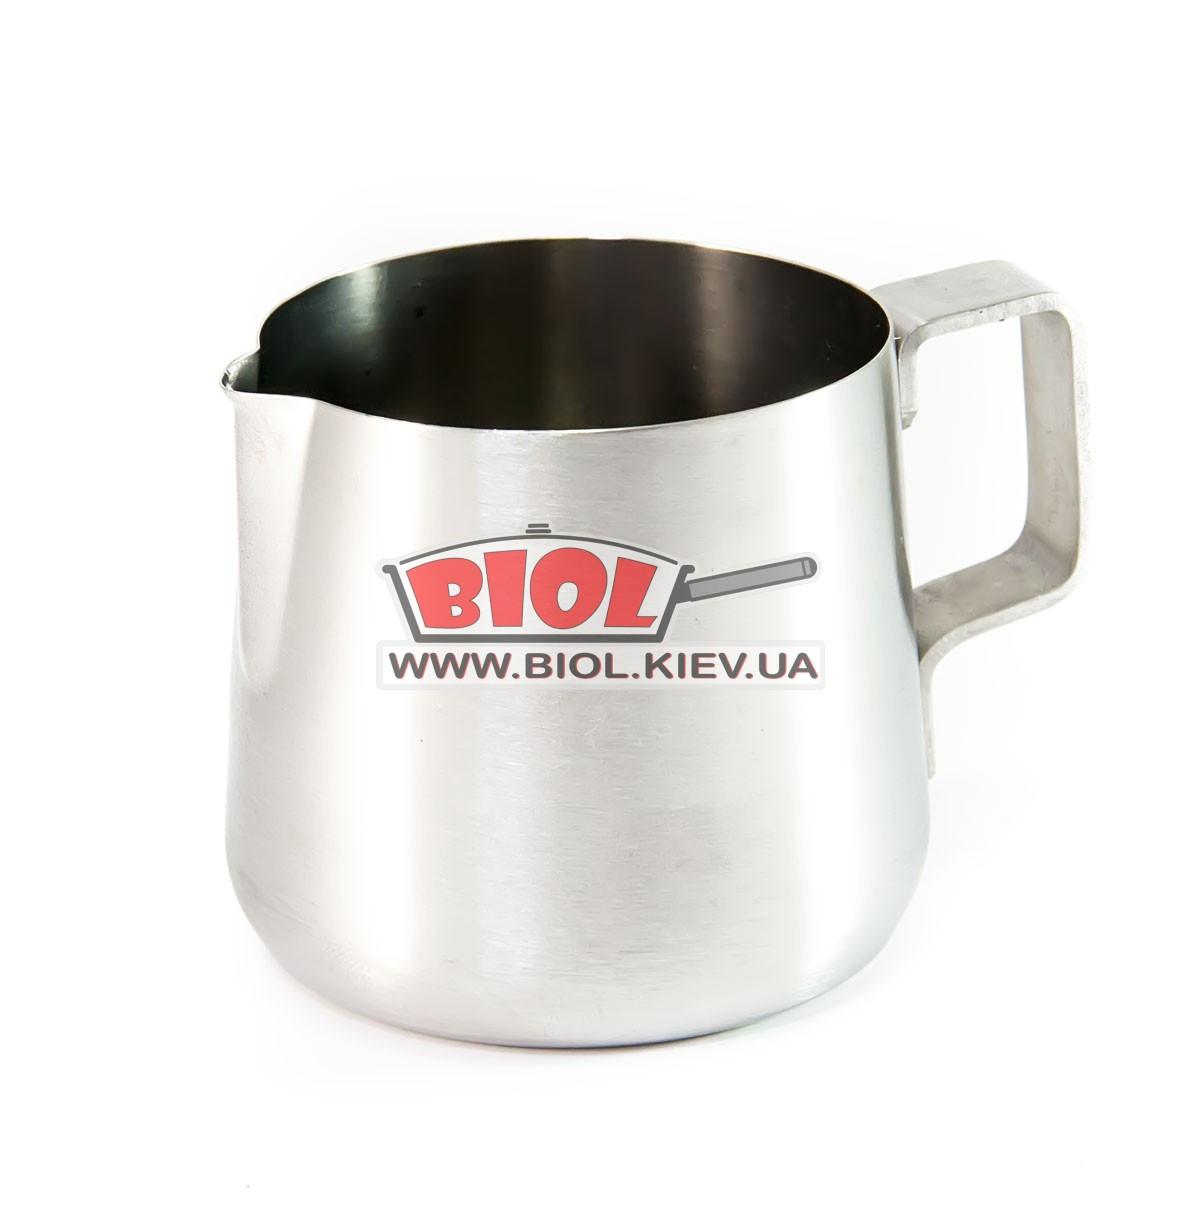 Питчер (джаг, молочник) 150мл для взбивания молока из нержавеющей стали - БИОЛ - интернет-магазин посуды в Киеве